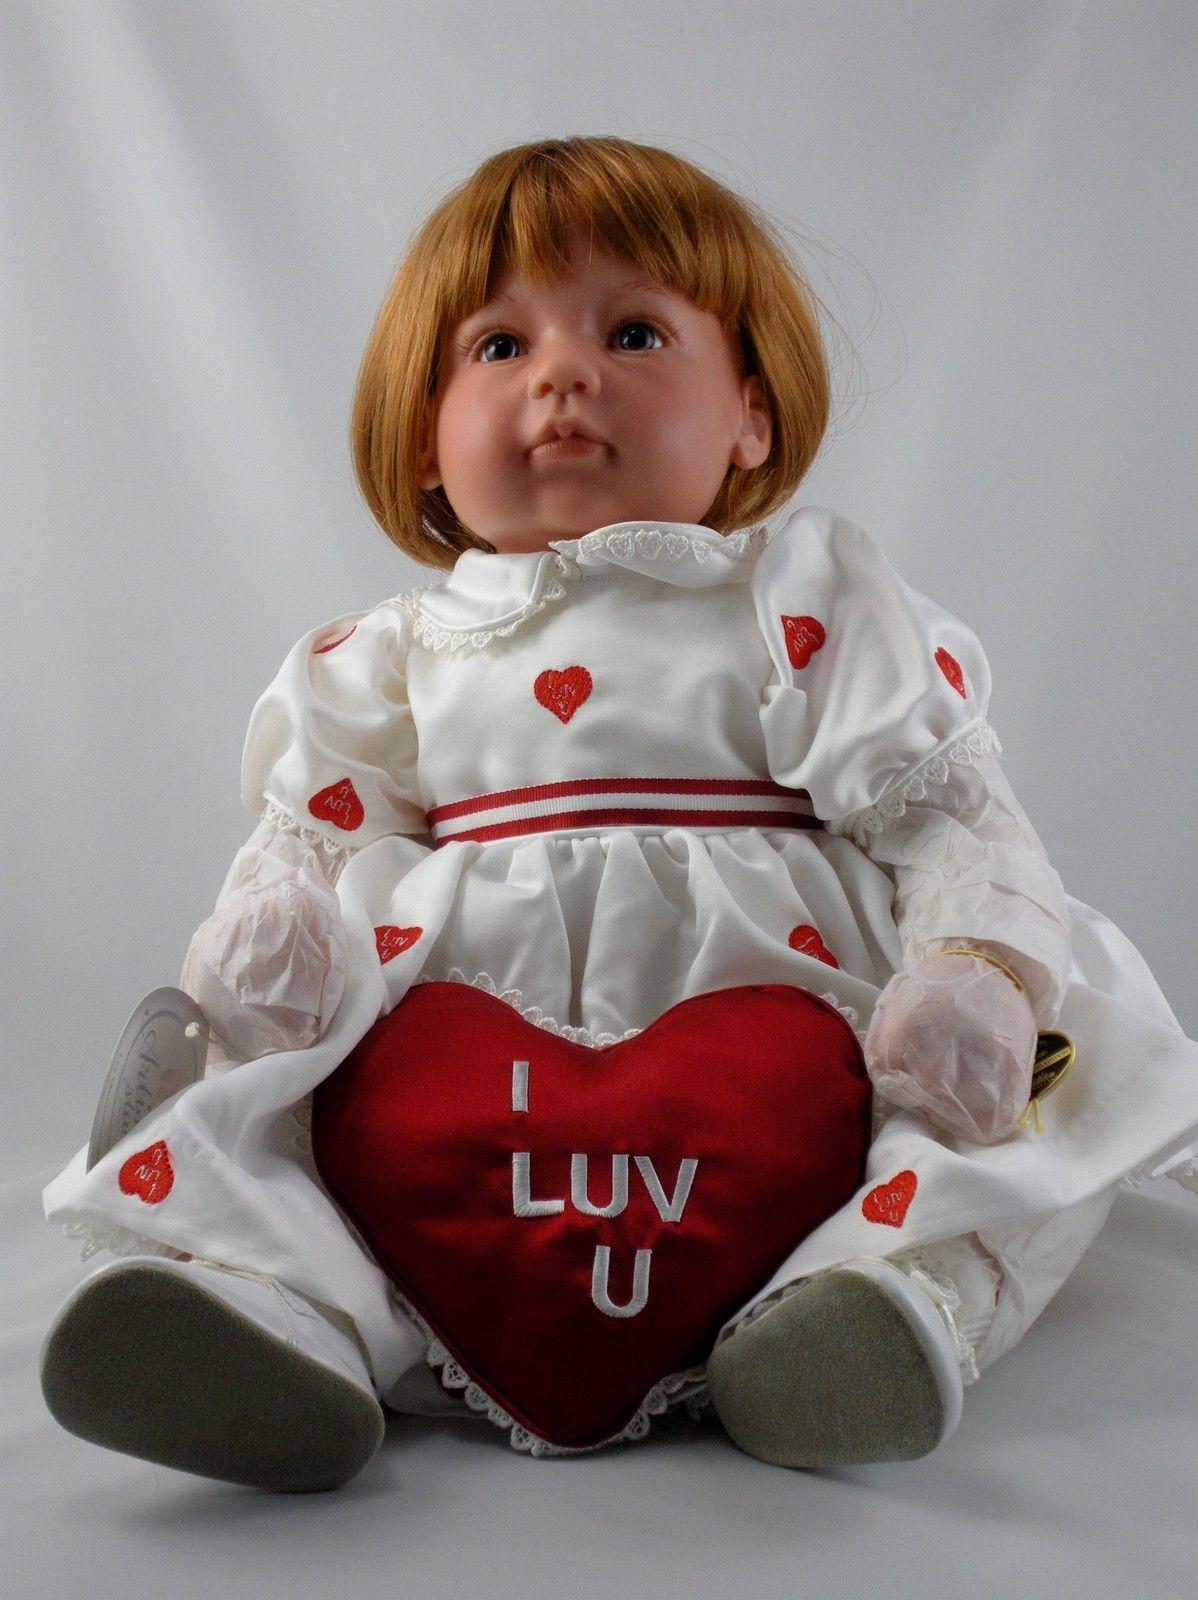 Lee Middleton Sweet Heart Reva Schick Doll | eBay